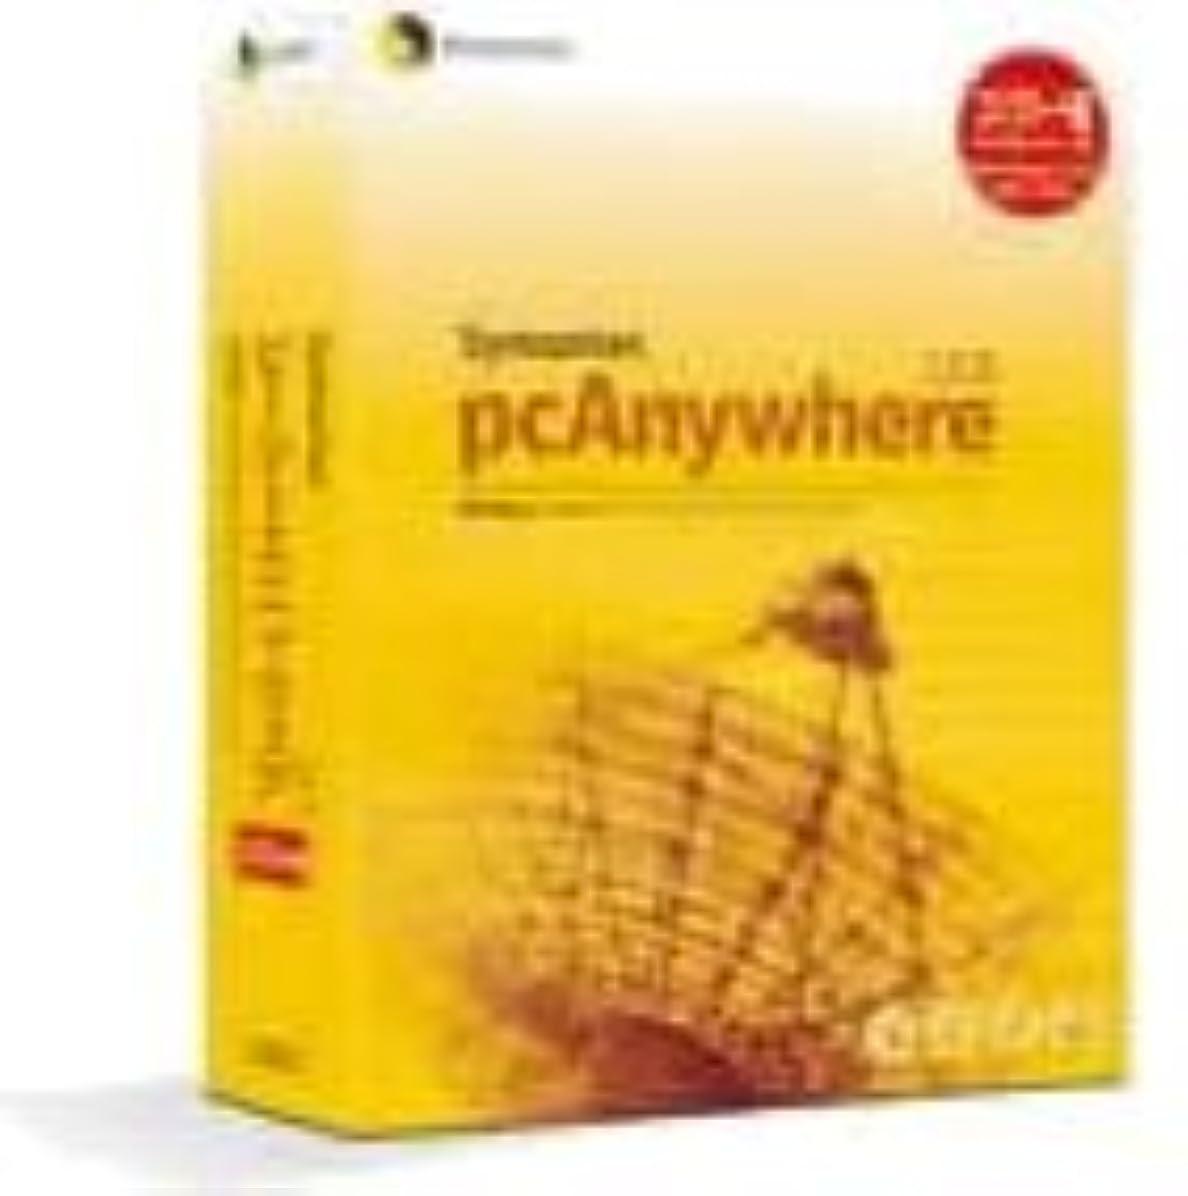 改修する国内の高度【旧商品】Symantec pcAnywhere 12.0J Complete版